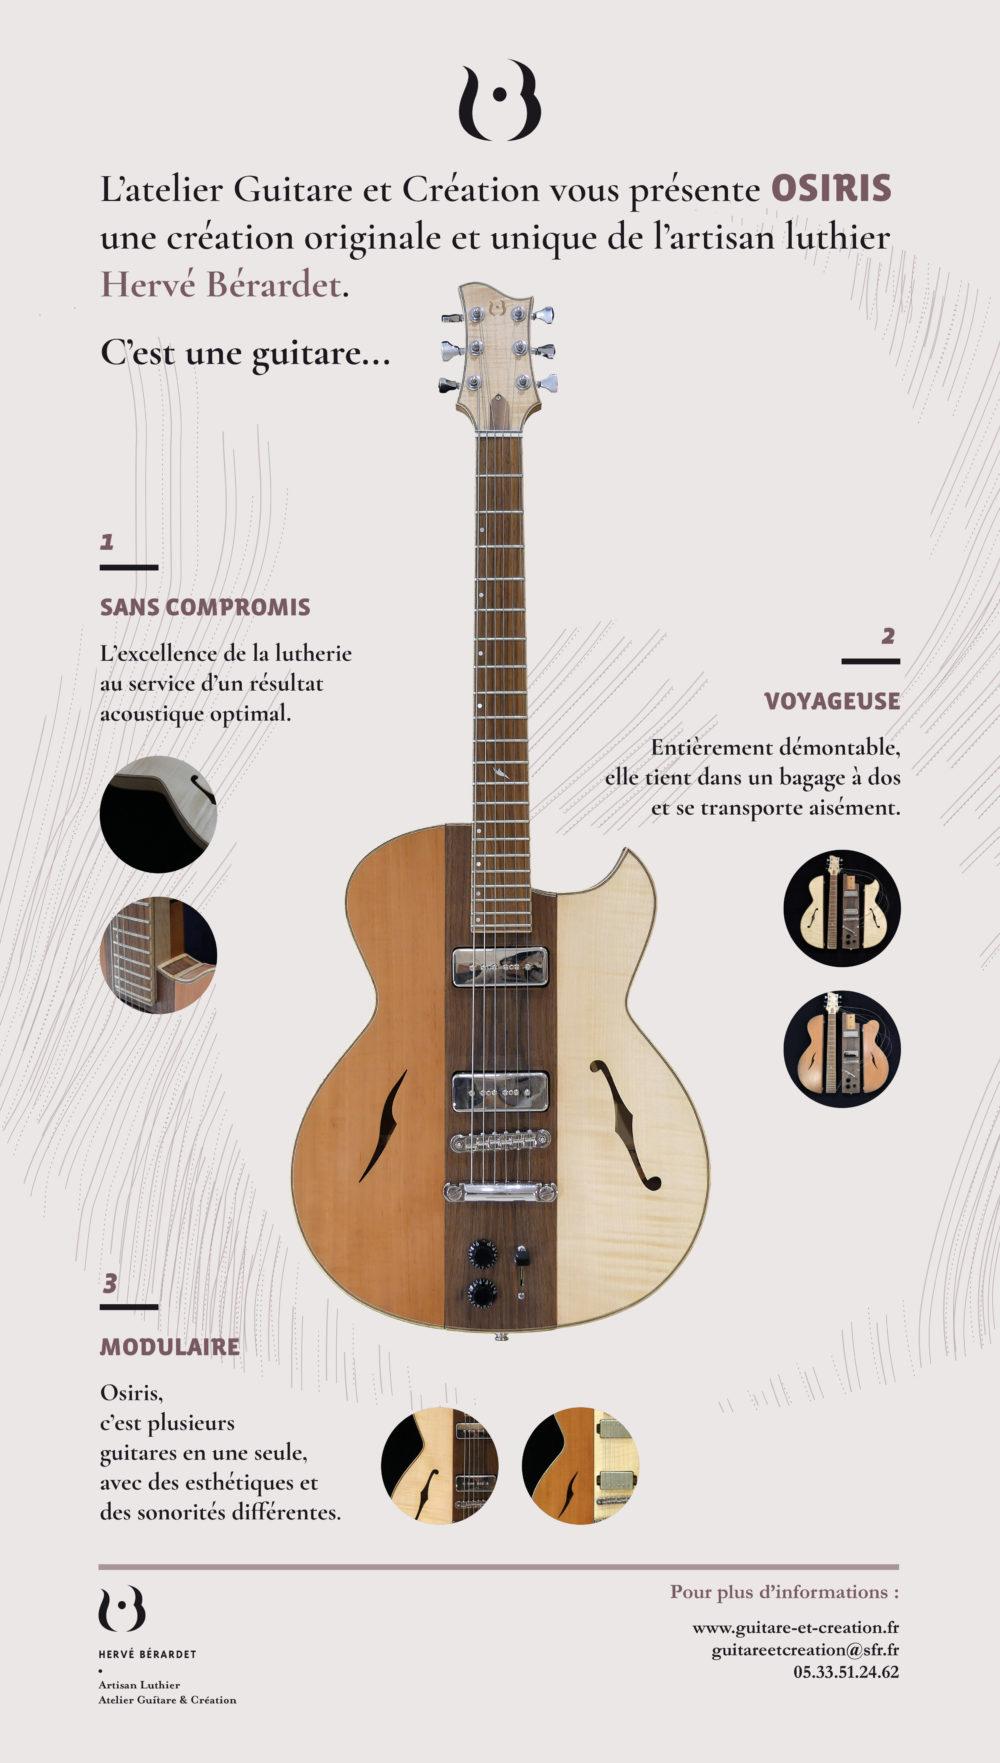 Guitare Osiris, Guitare Voyageuse et Modulaire - réalisée par Hervé BERARDET Maître Artisan Luthier, atelier Guitare et Création © 2020 / Hervé BERARDET Maître Artisan Luthier - Kakemono